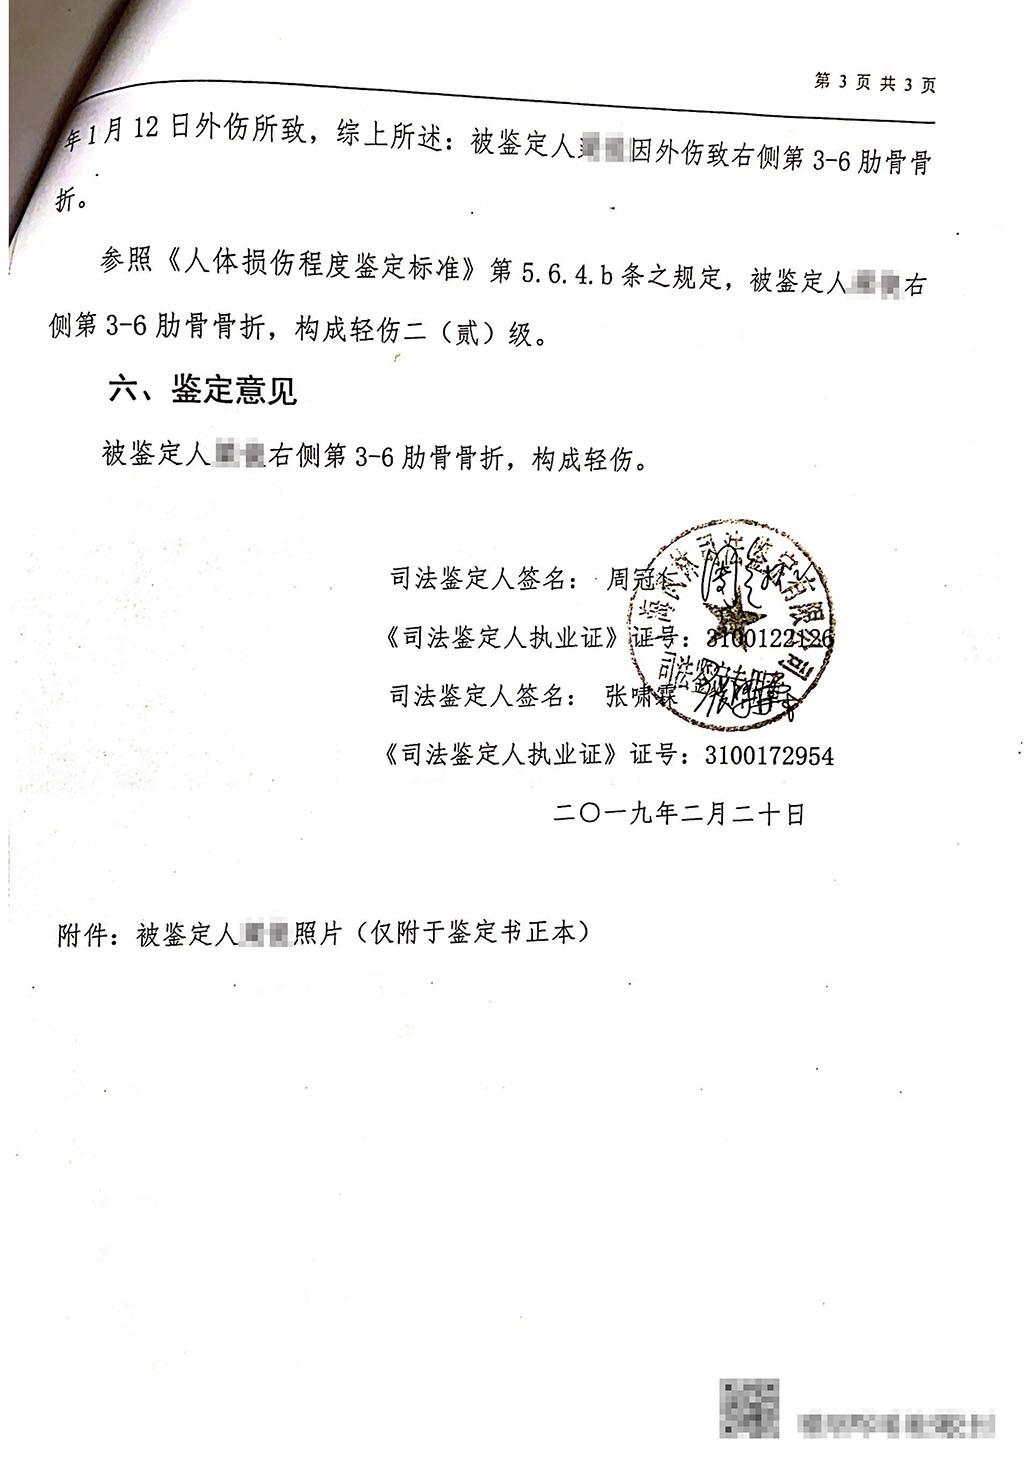 上海枫林司法鉴定公司出具的司法鉴定意见书